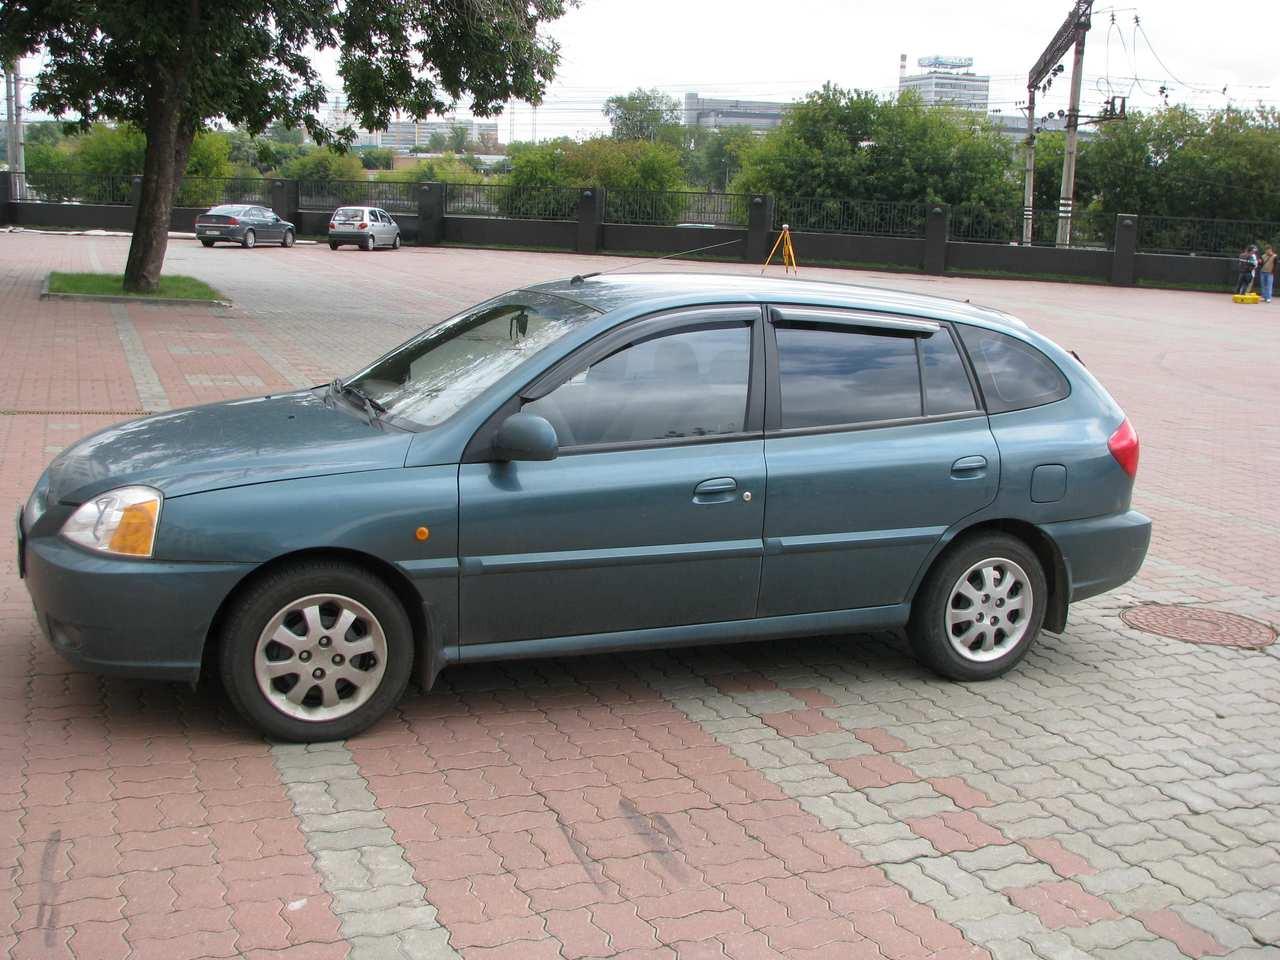 2003 Kia Rio Pictures 1 5l Gasoline Ff Manual For Sale